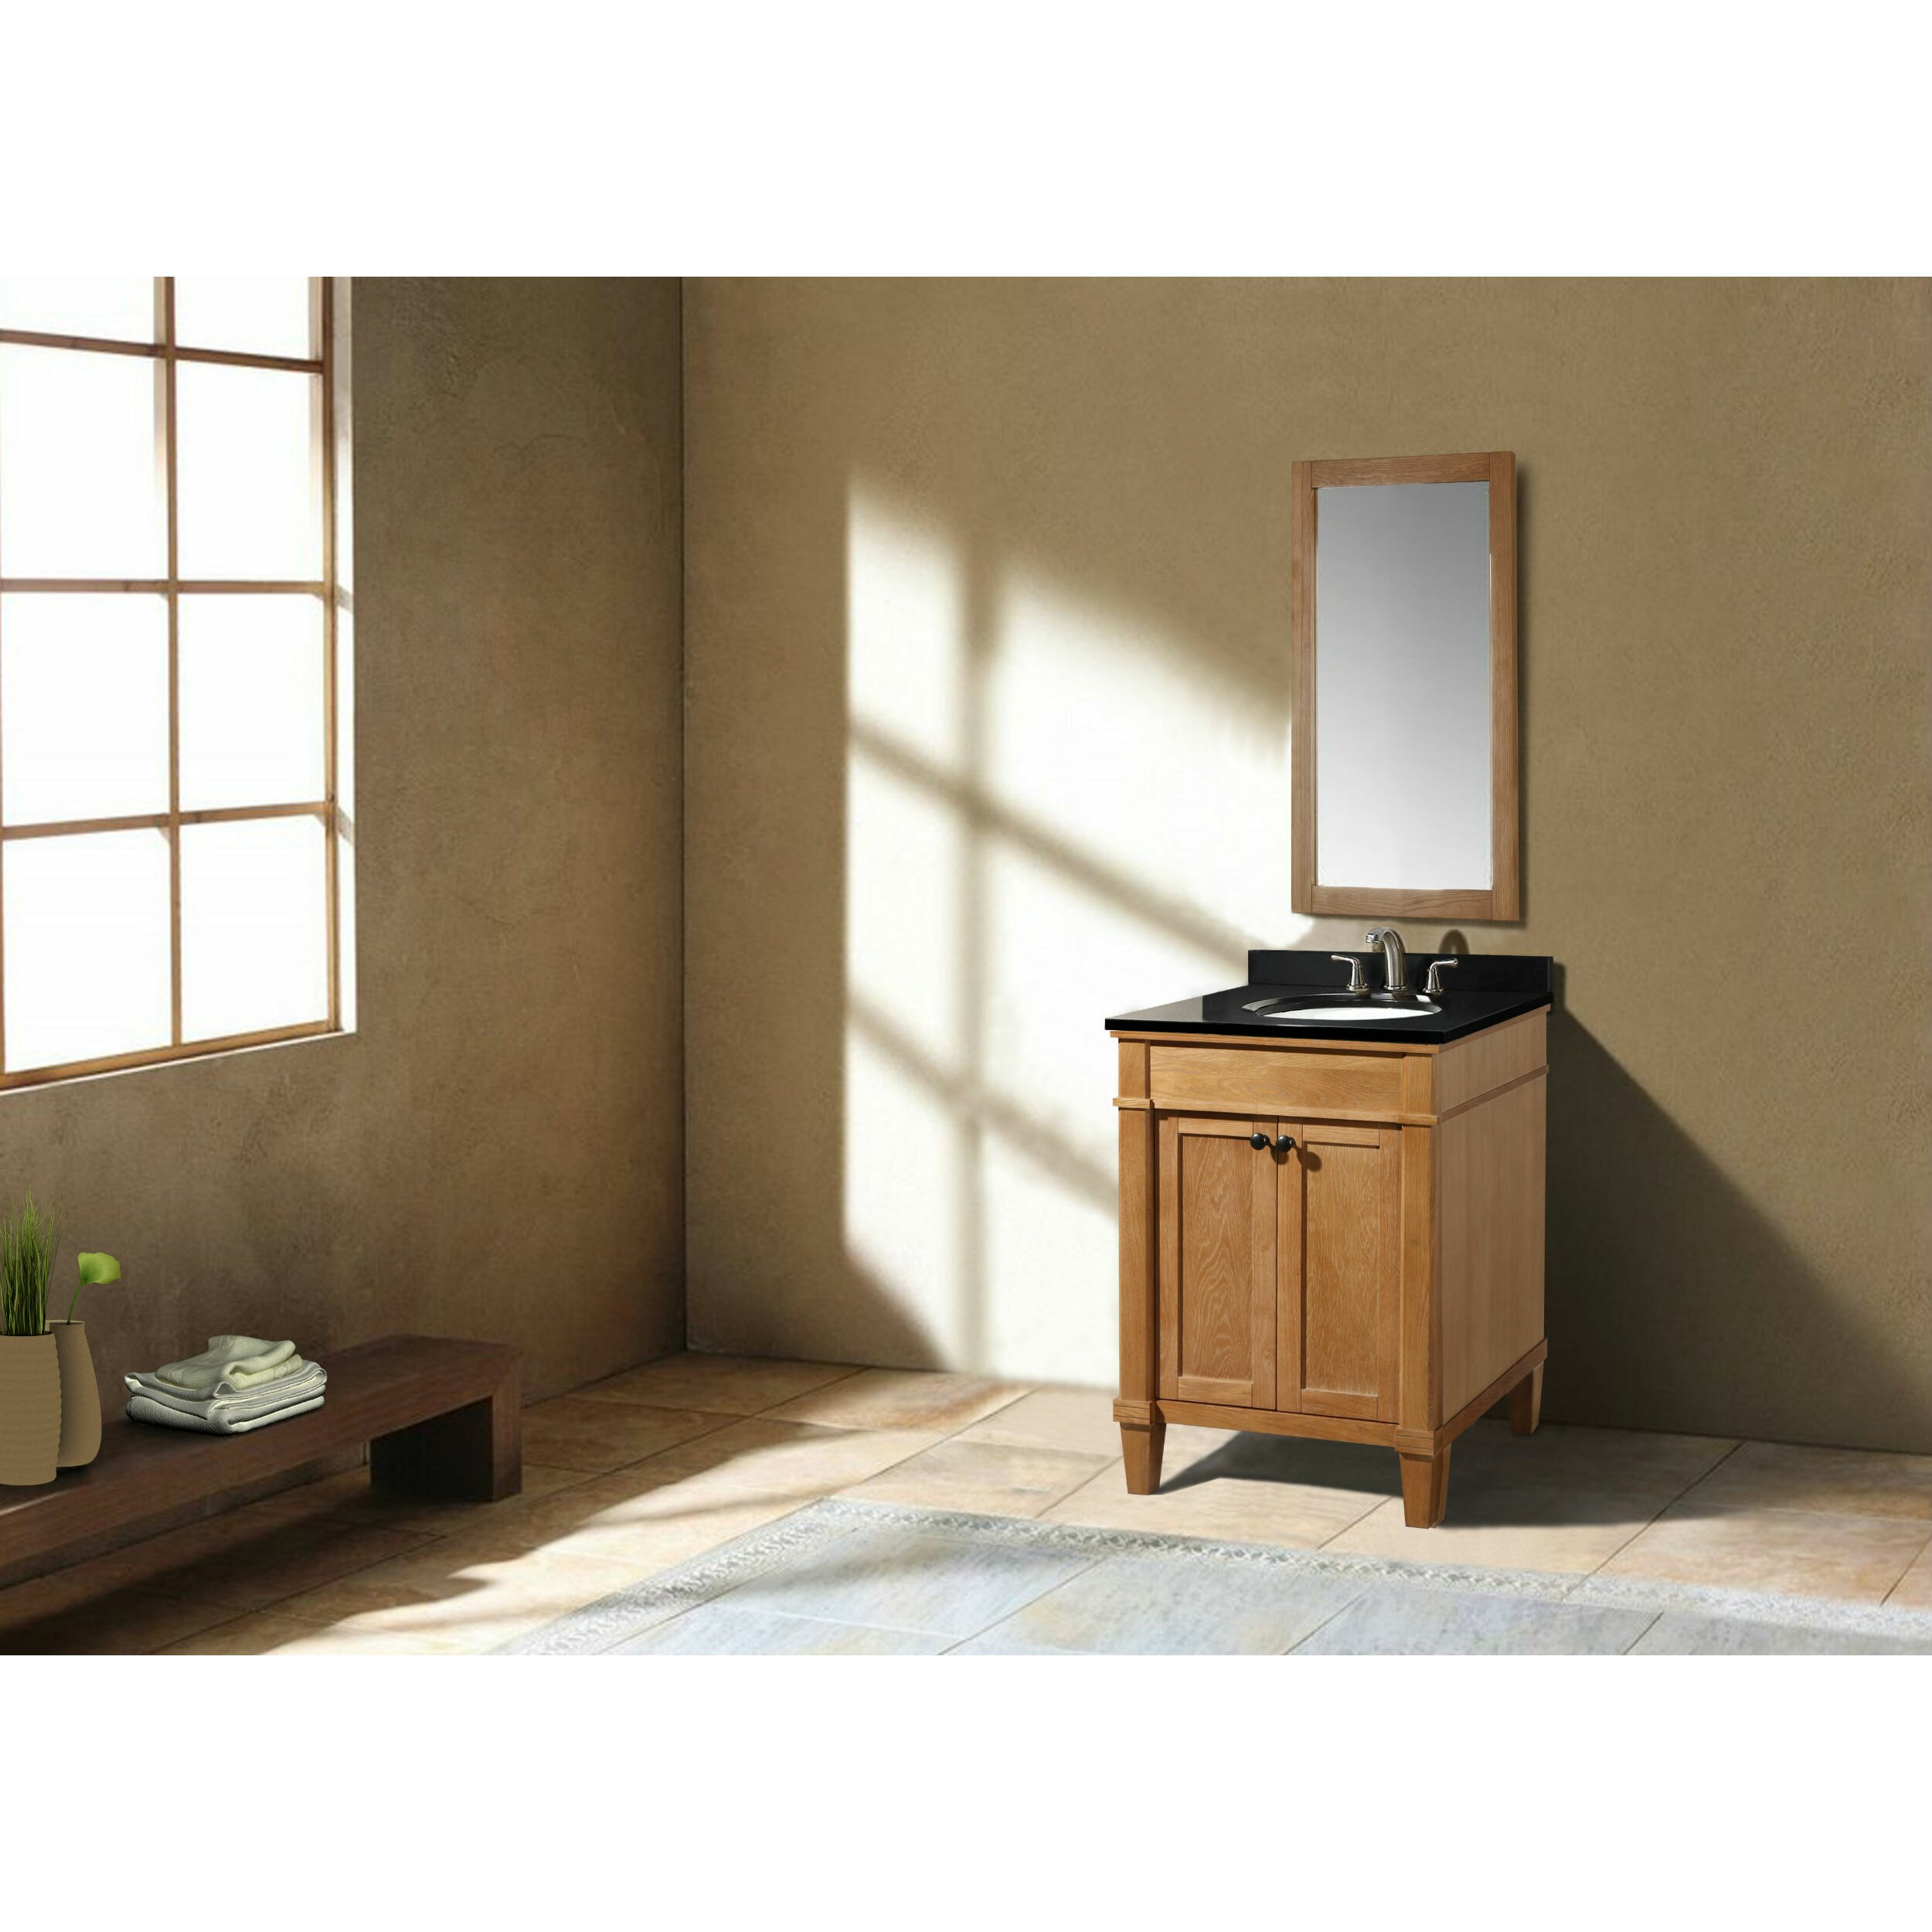 legion furniture 25 single bathroom vanity set reviews wayfair